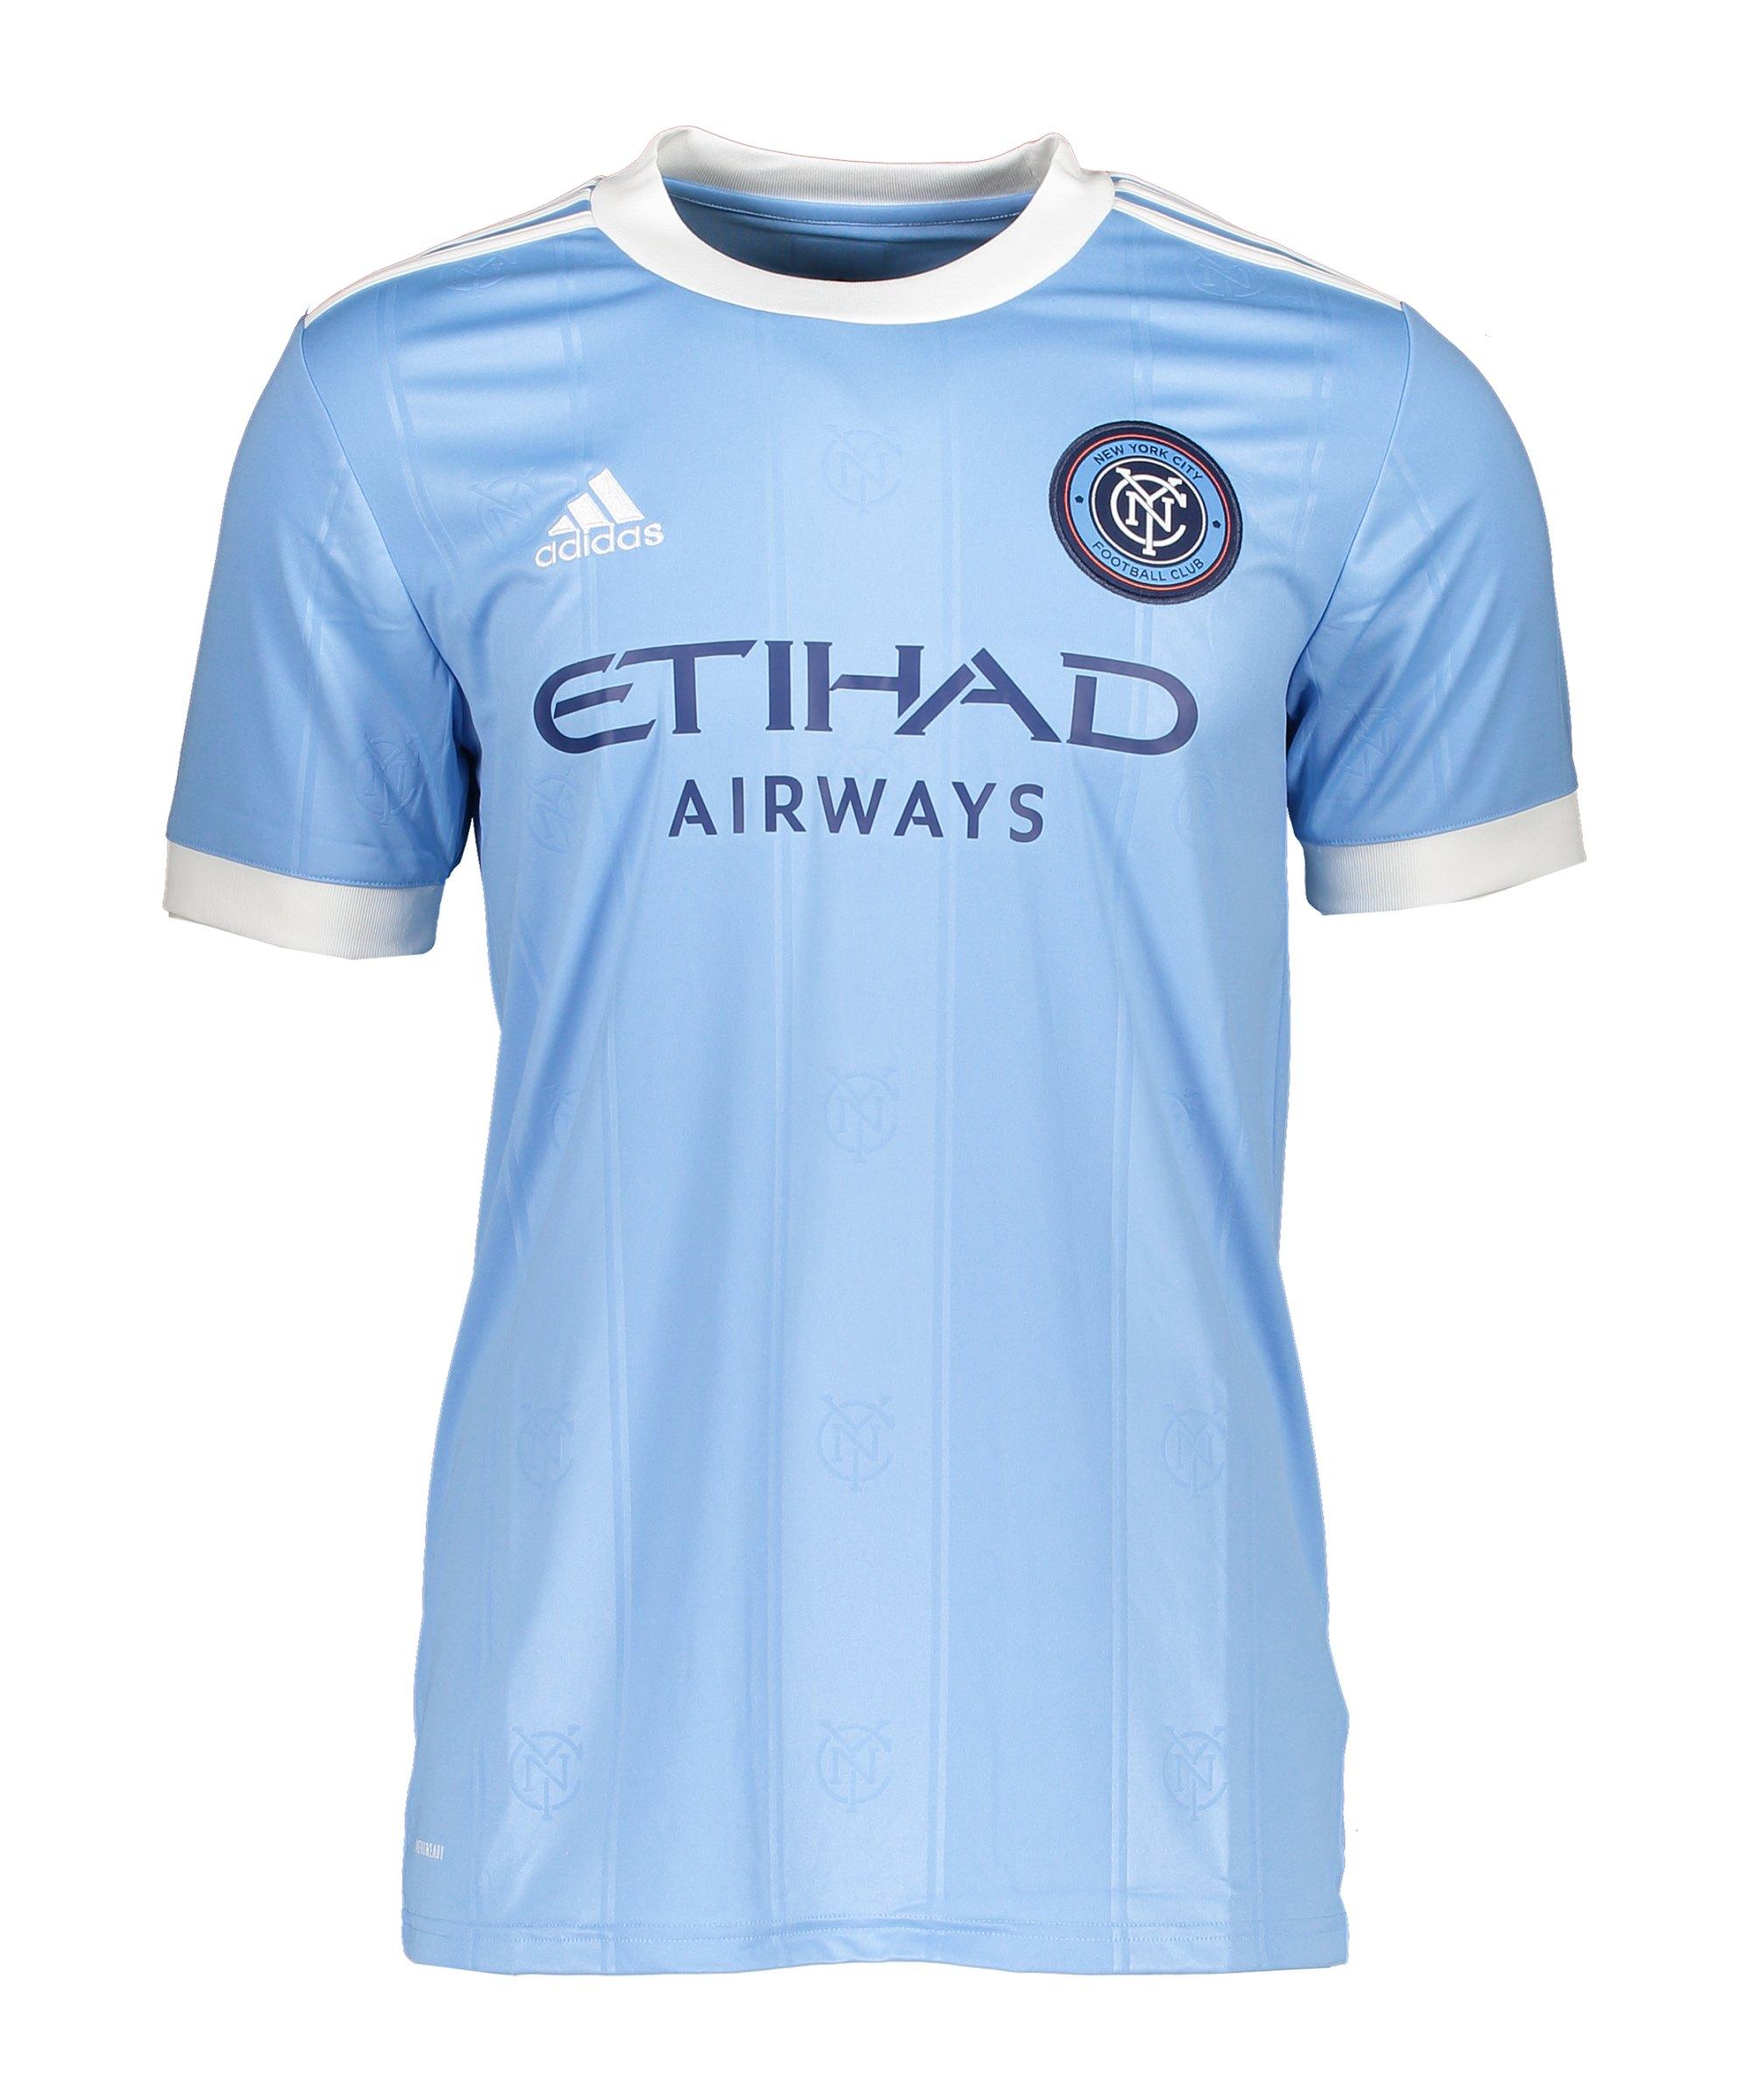 adidas New York City FC Trikot Home 2021/2022 Blau - blau